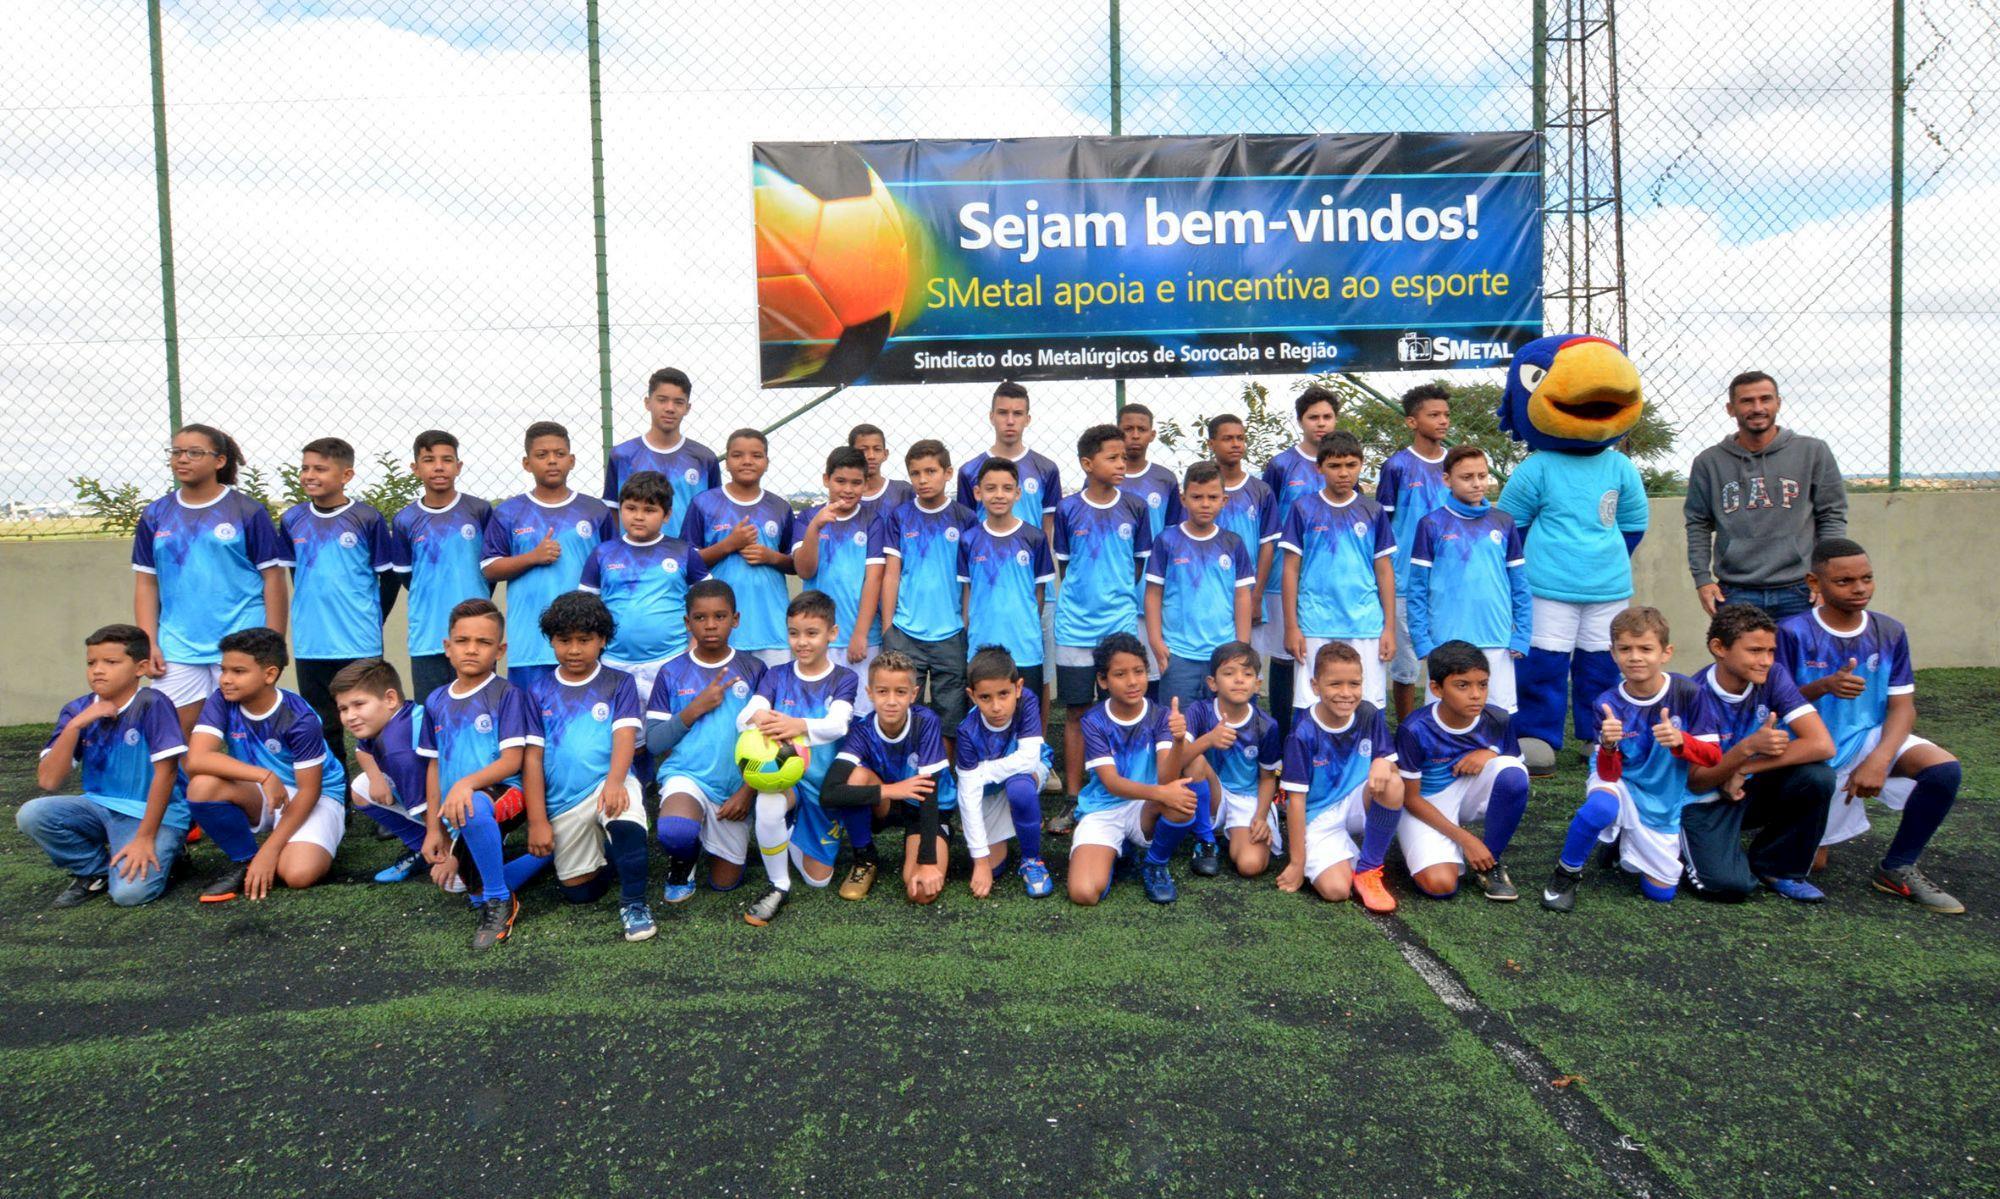 escolinha, são, bento, azulão, futebol, tremonti,, Foguinho/Imprensa SMetal